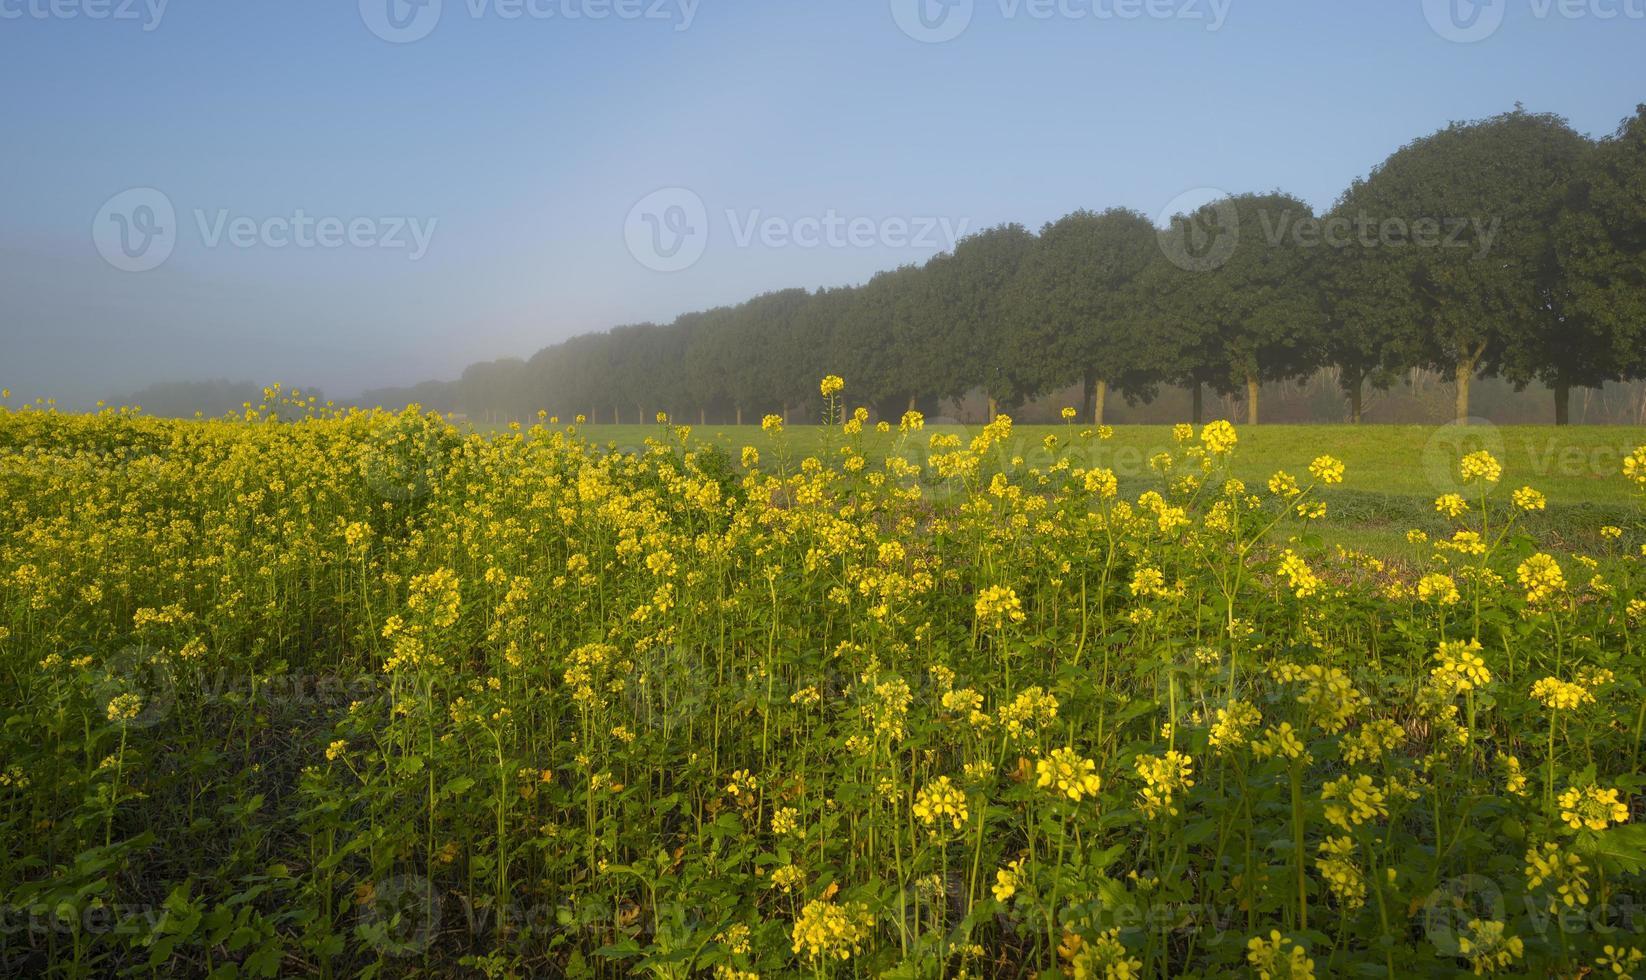 koolzaad groeit op een veld in de herfst foto